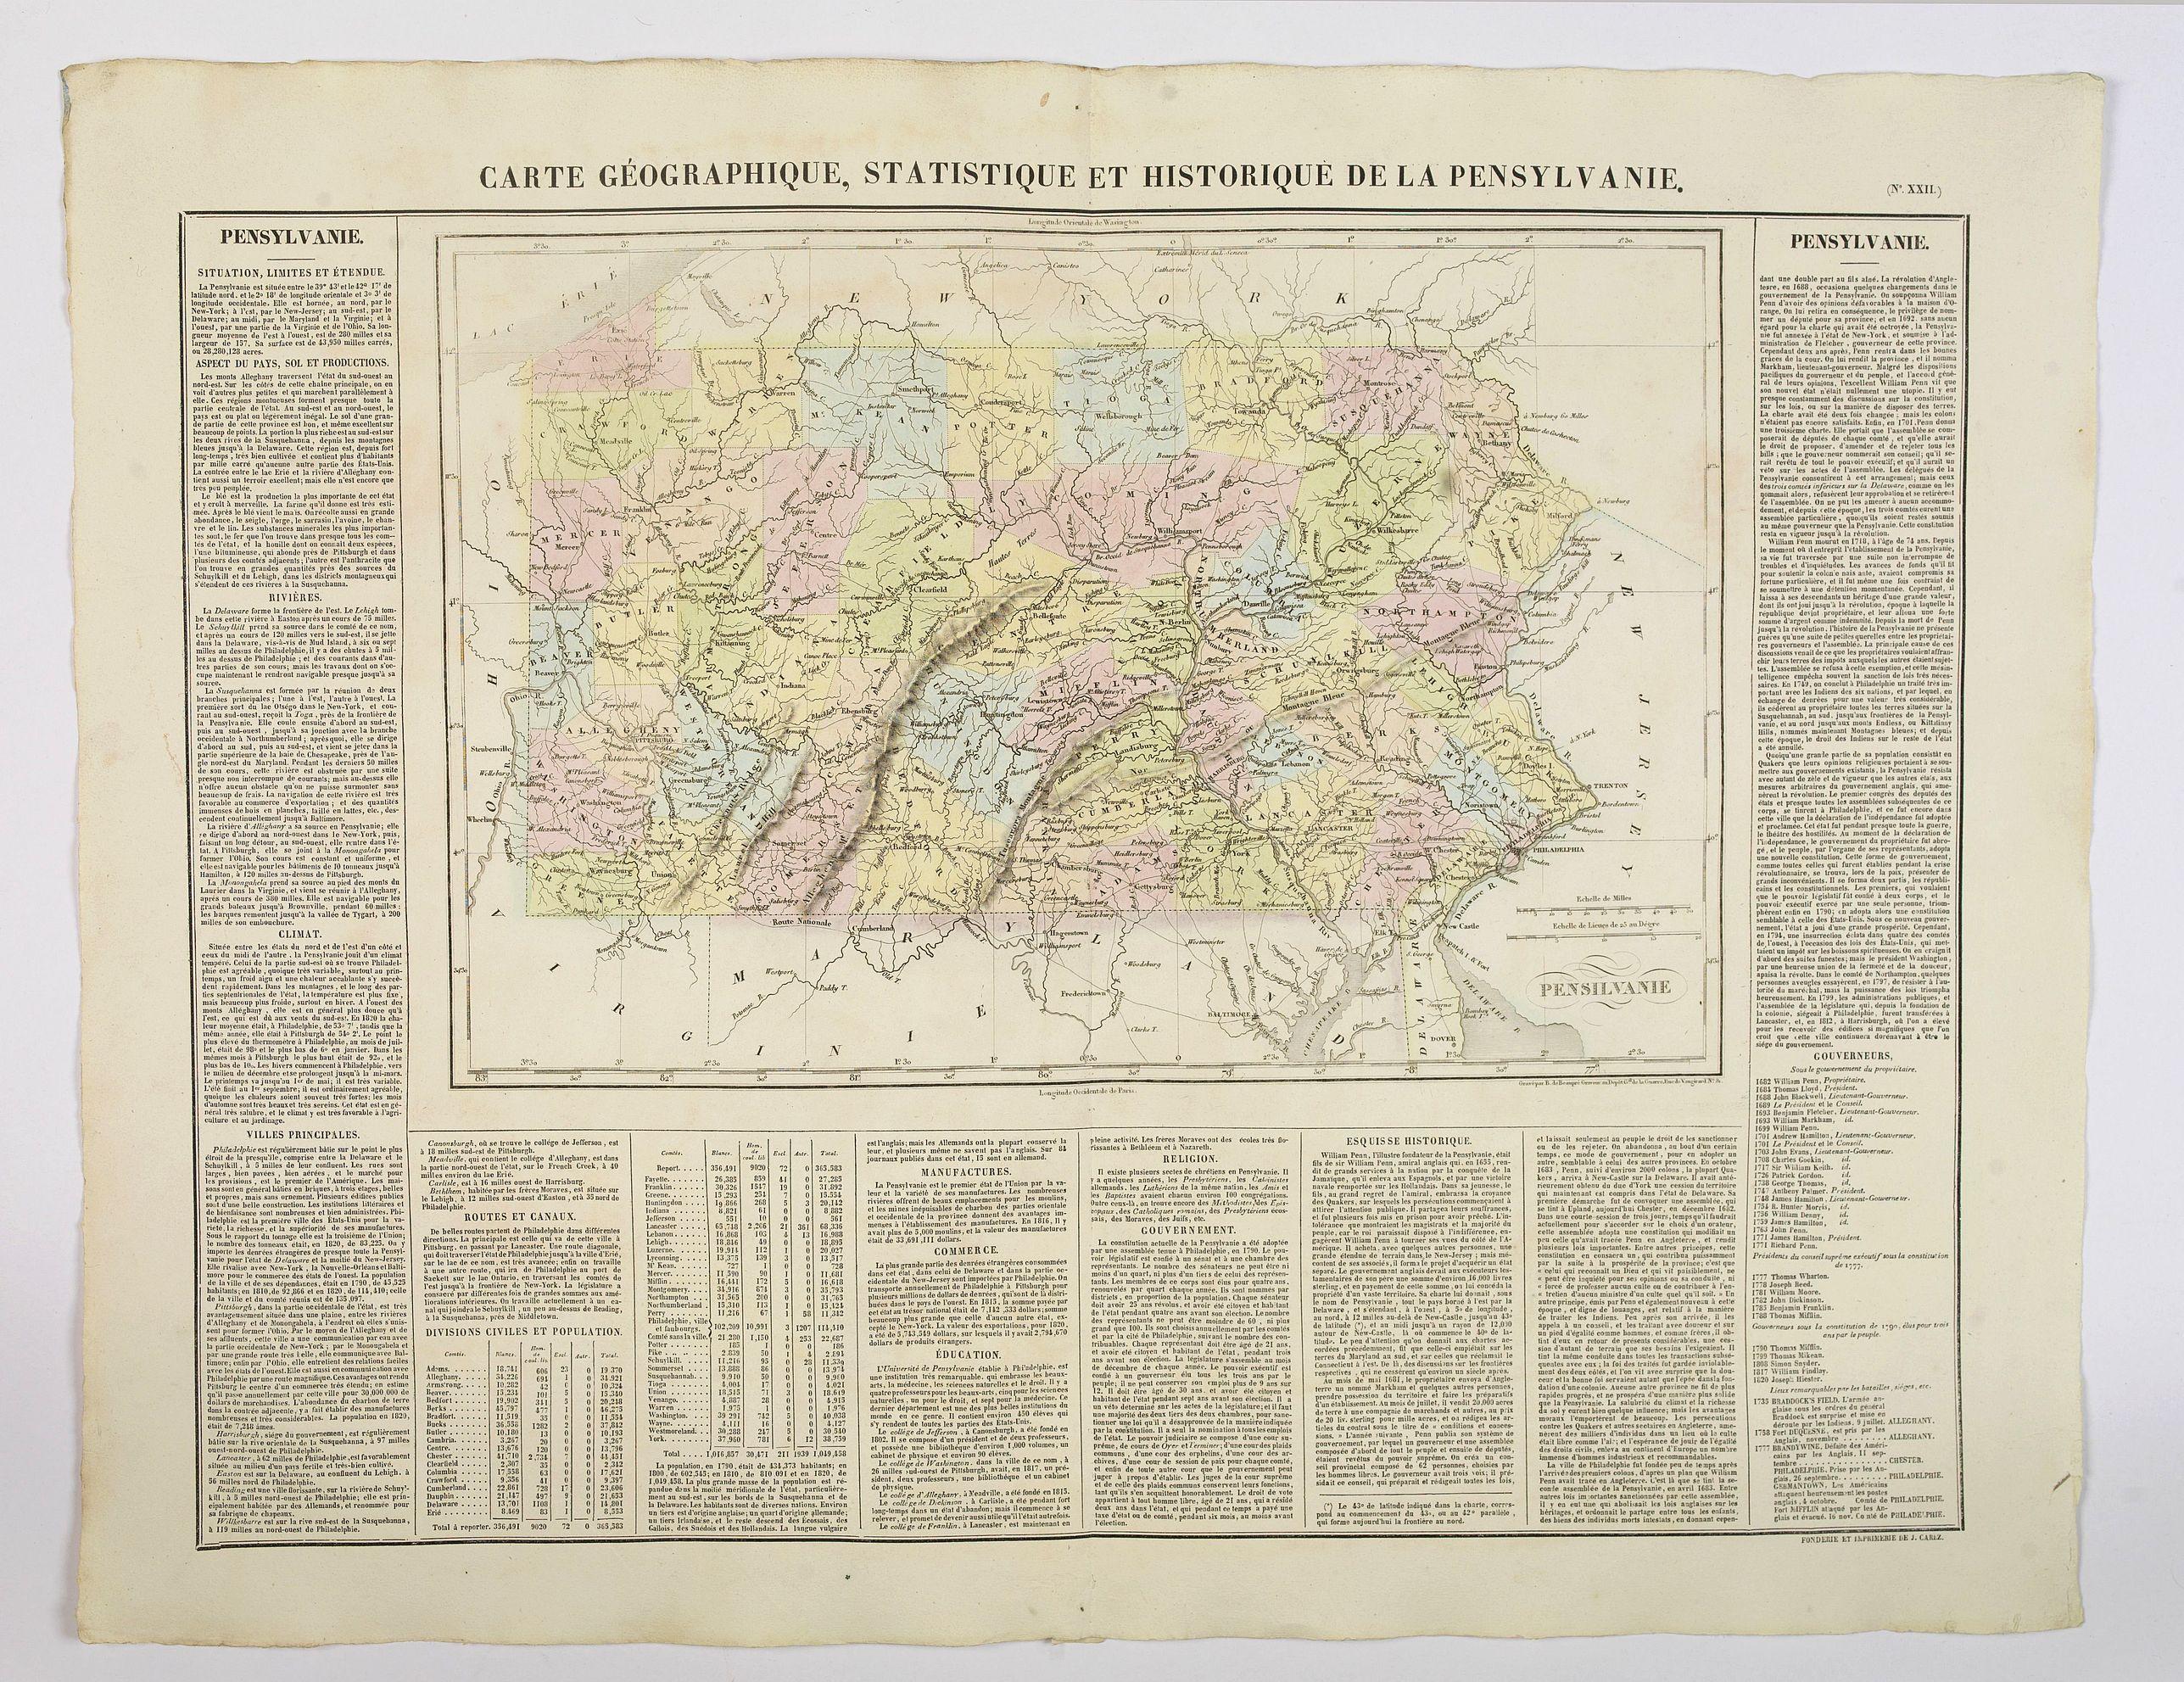 BUCHON, J.A. -  Carte Géographique, Statistique et Historique de la Pensylvanie.